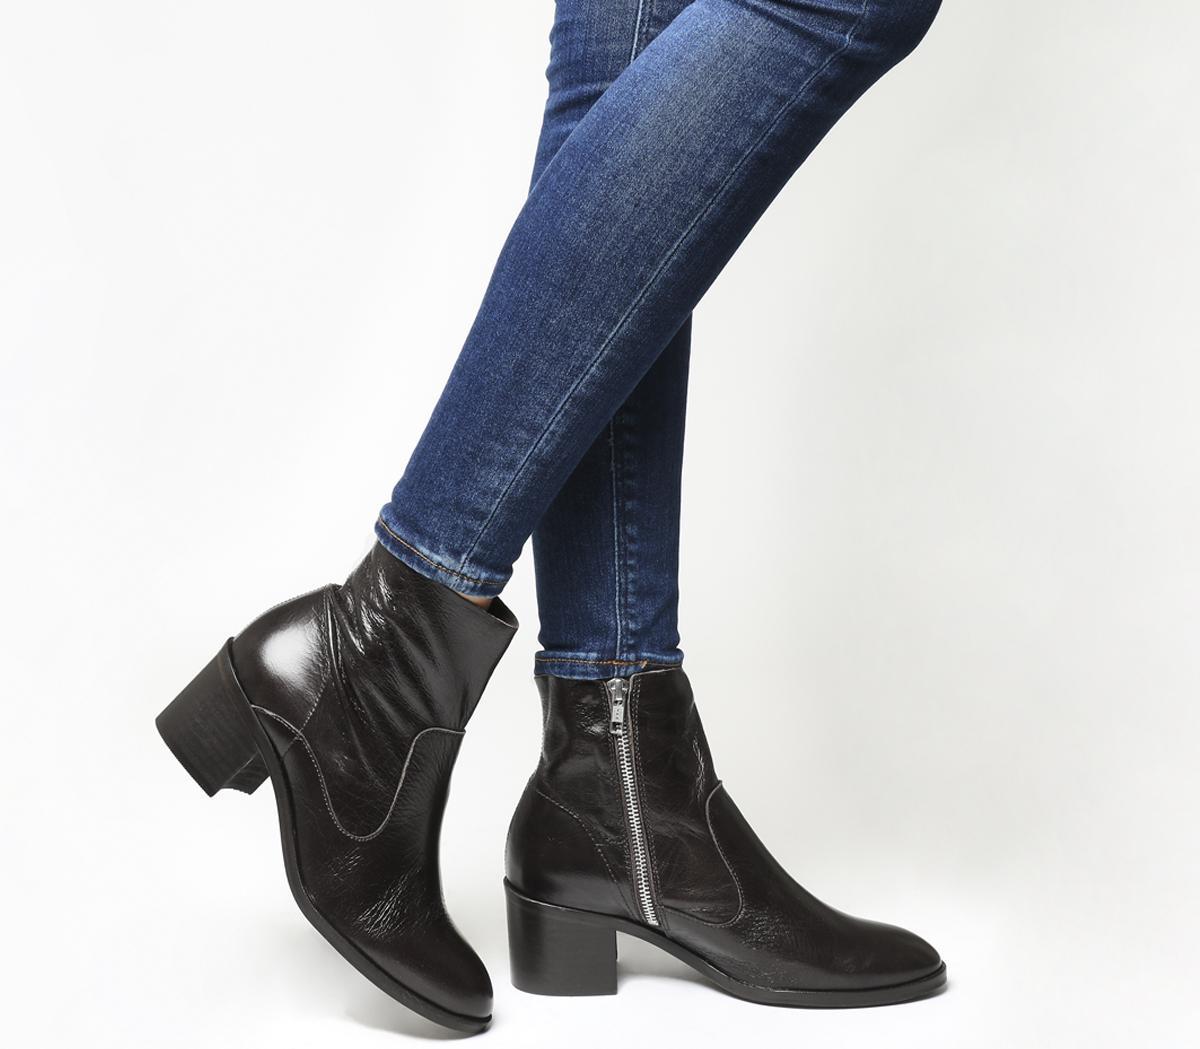 Albury Block Heel Boots